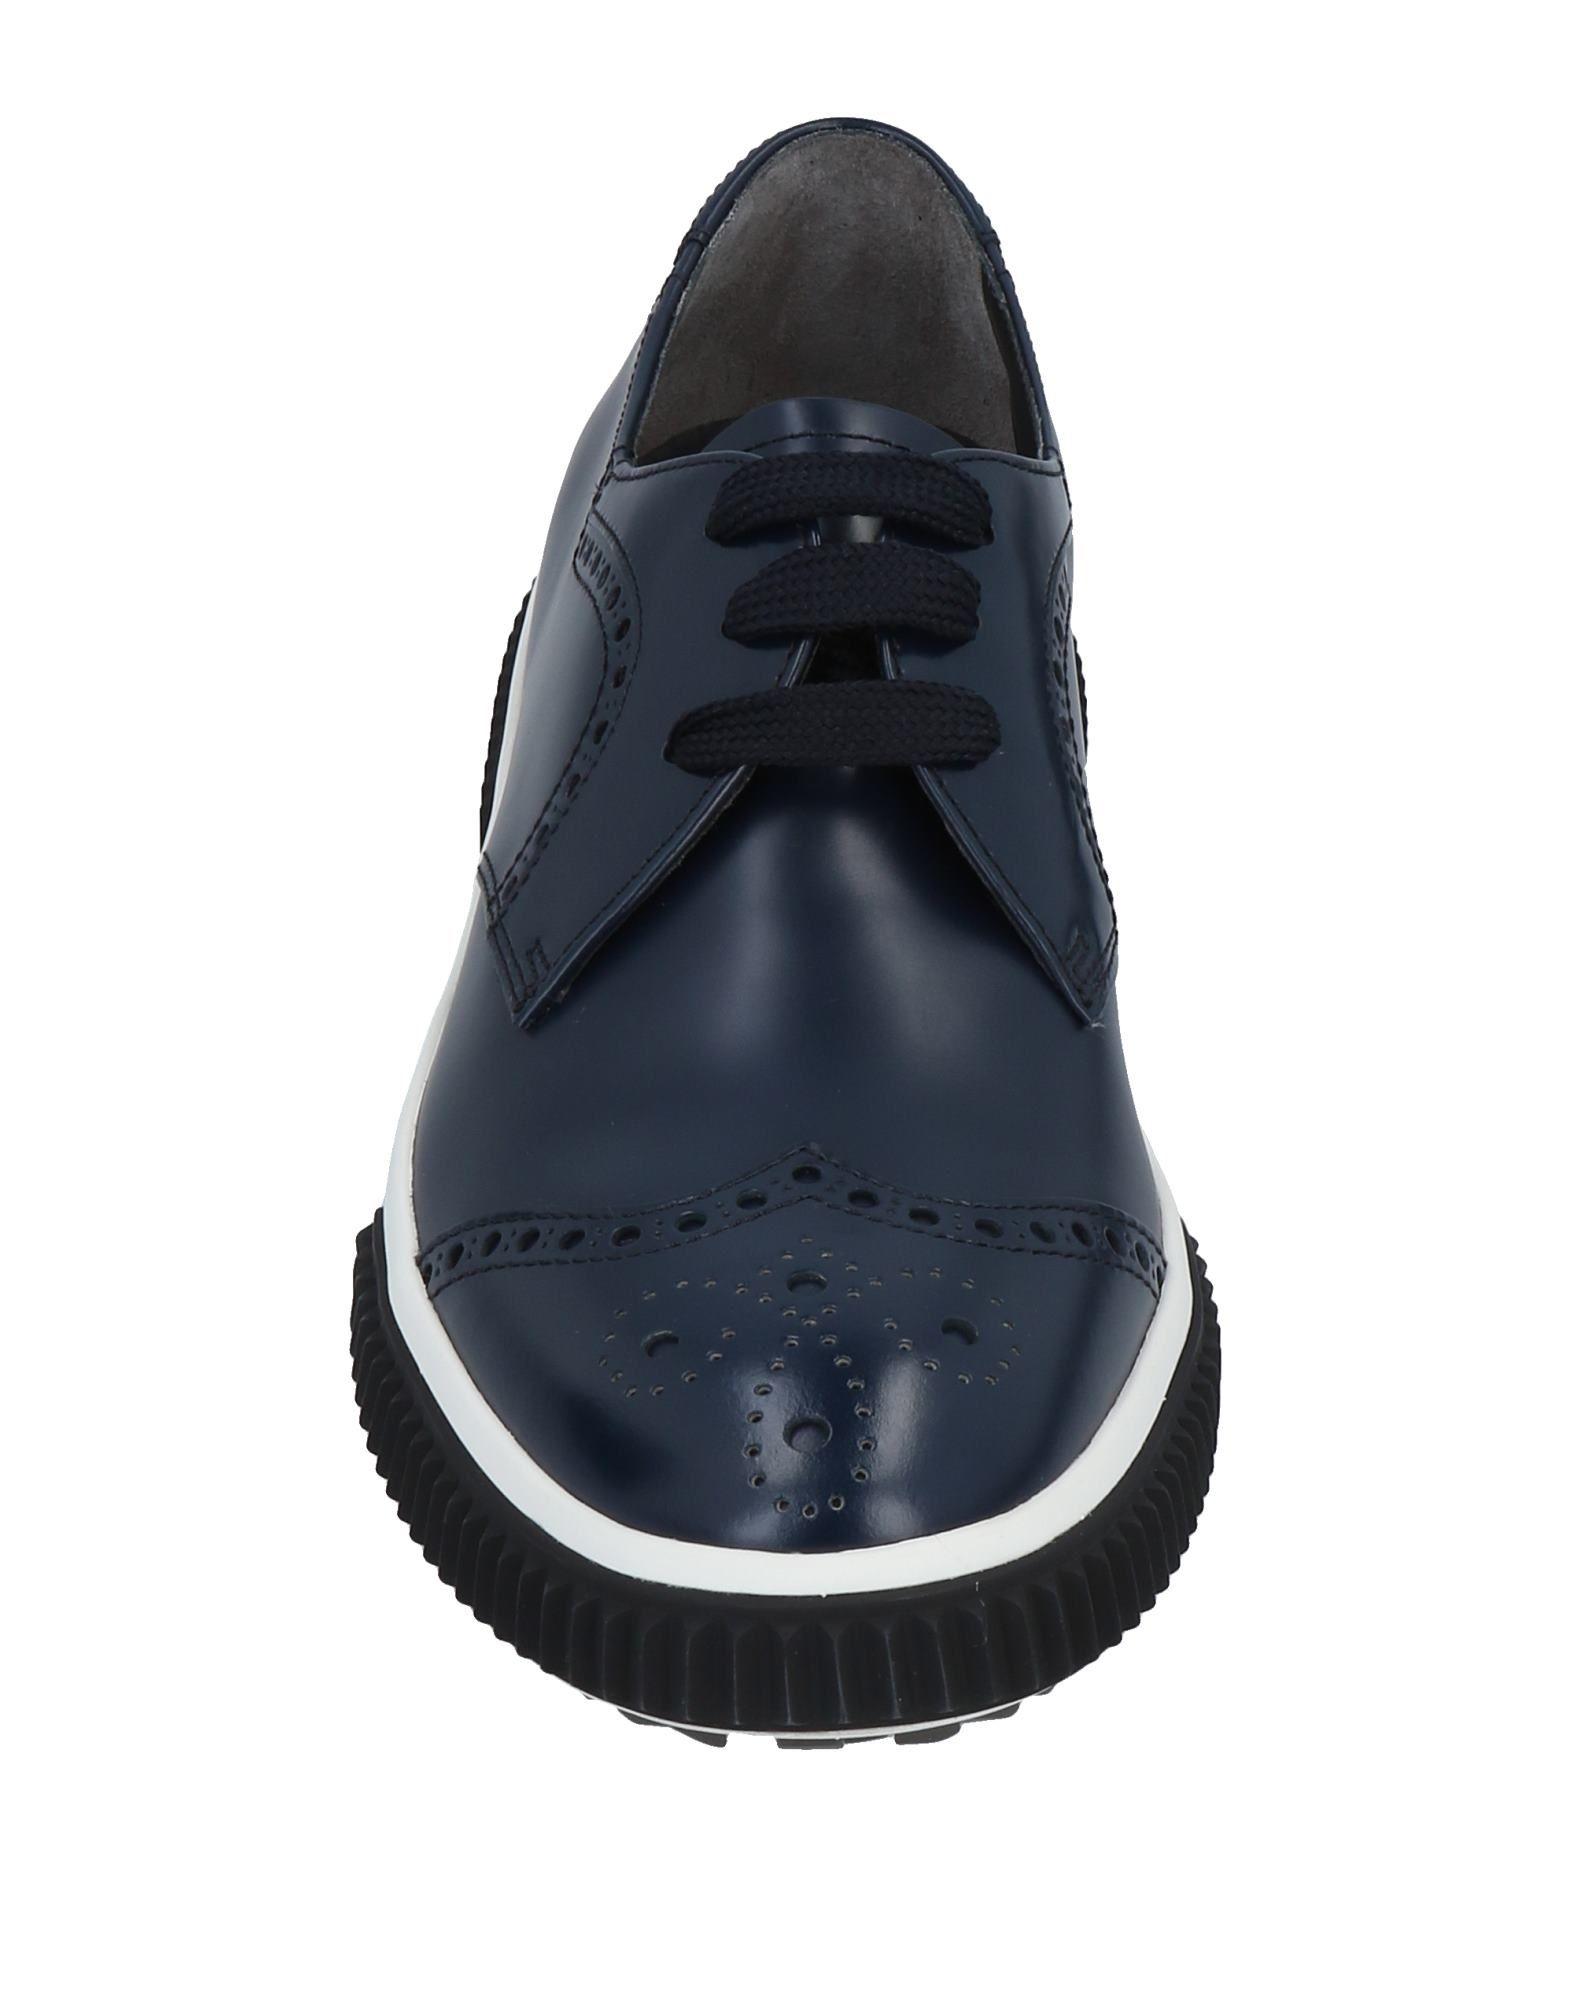 Prada Sport Schnürschuhe Herren  Schuhe 11327521JJ Gute Qualität beliebte Schuhe  a3d4f9